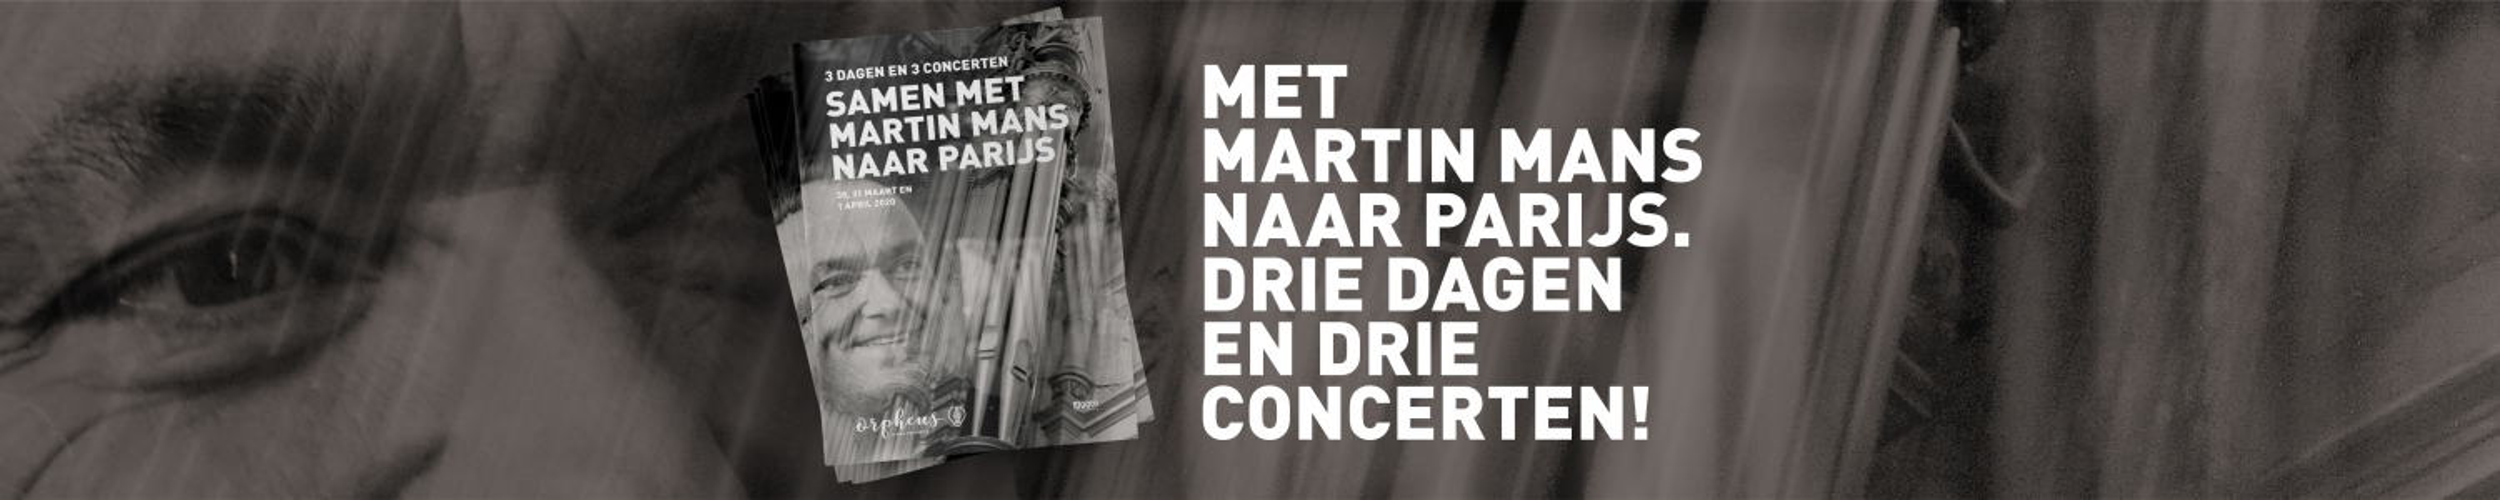 Samen met Martin Mans naar Parijs, schrijf u hier in!